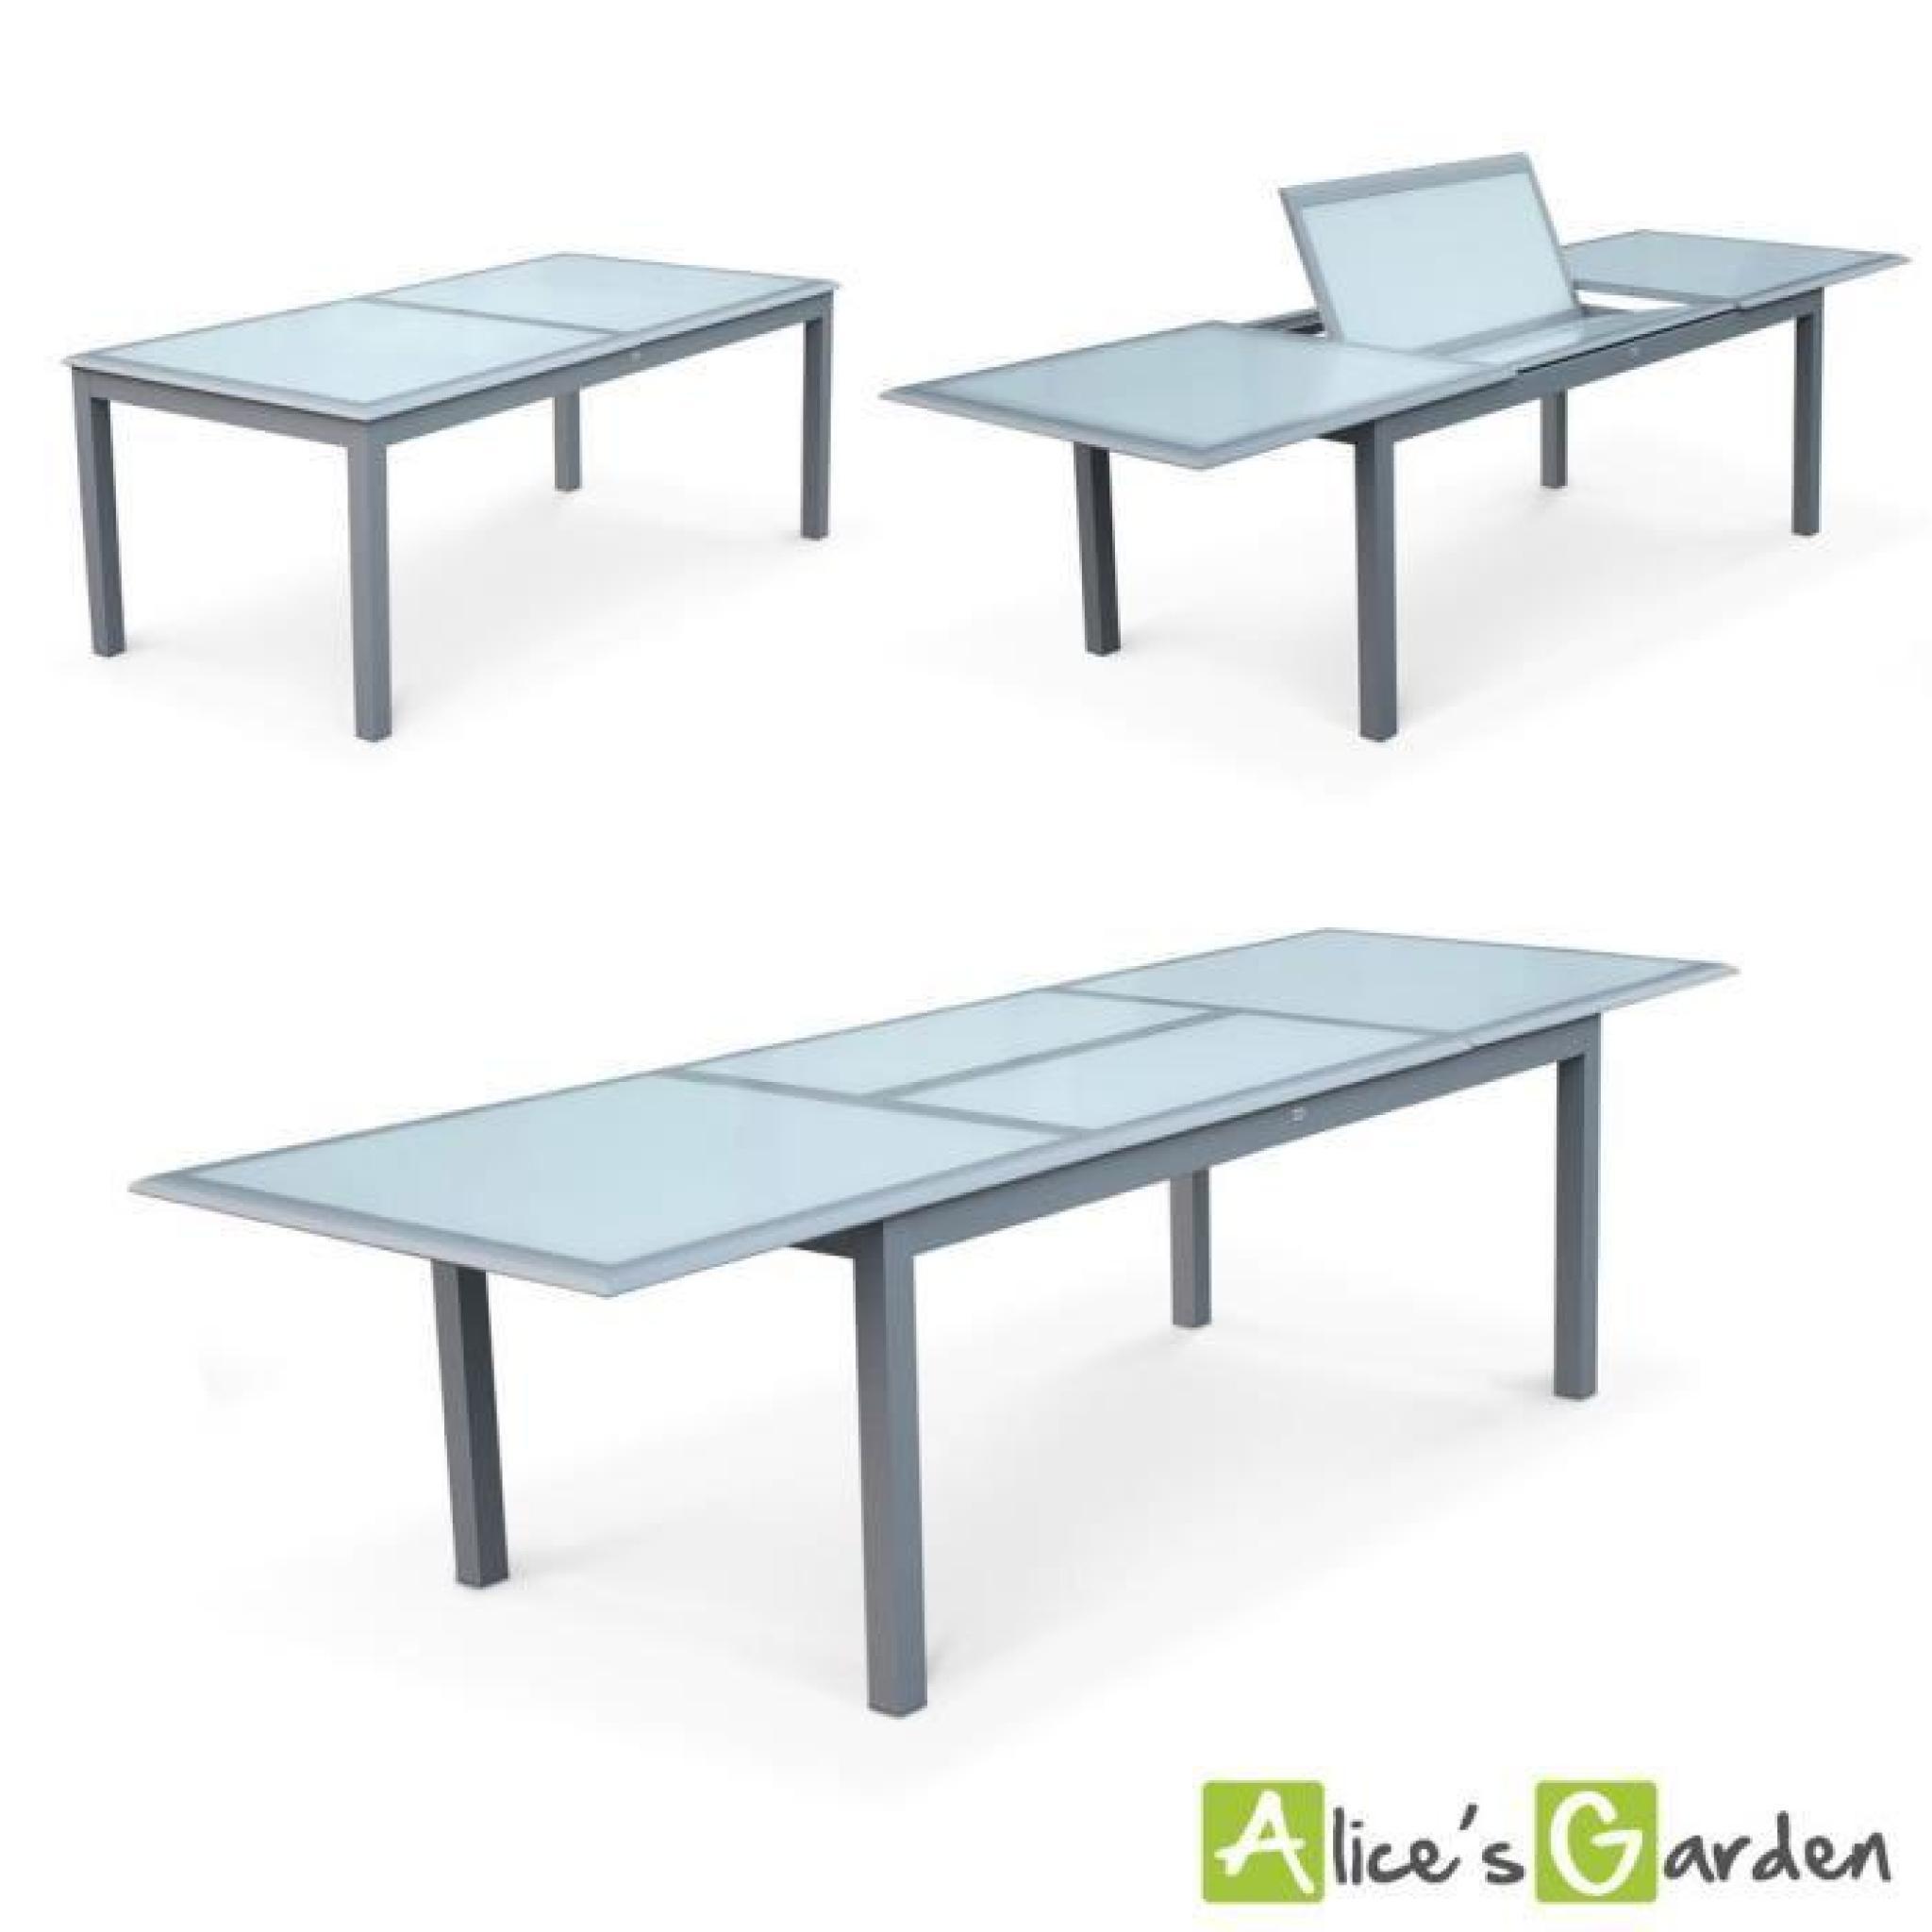 Salon de jardin 8 fauteuils table à rallonge extensible 200-300cm alu  textilène gris clair